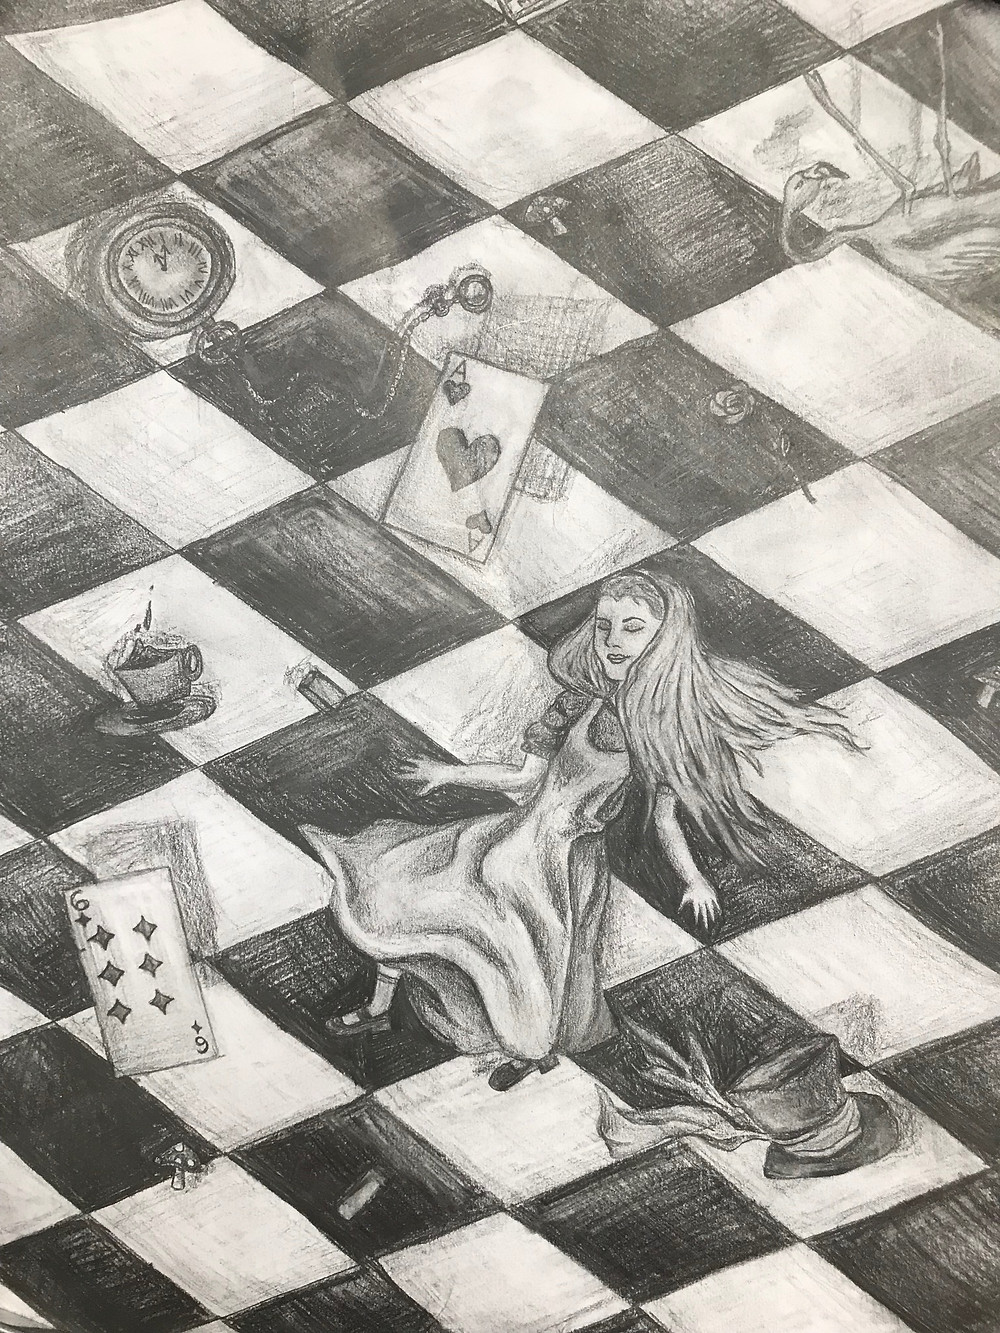 Sketch of a mural by Mia Rutkovsky